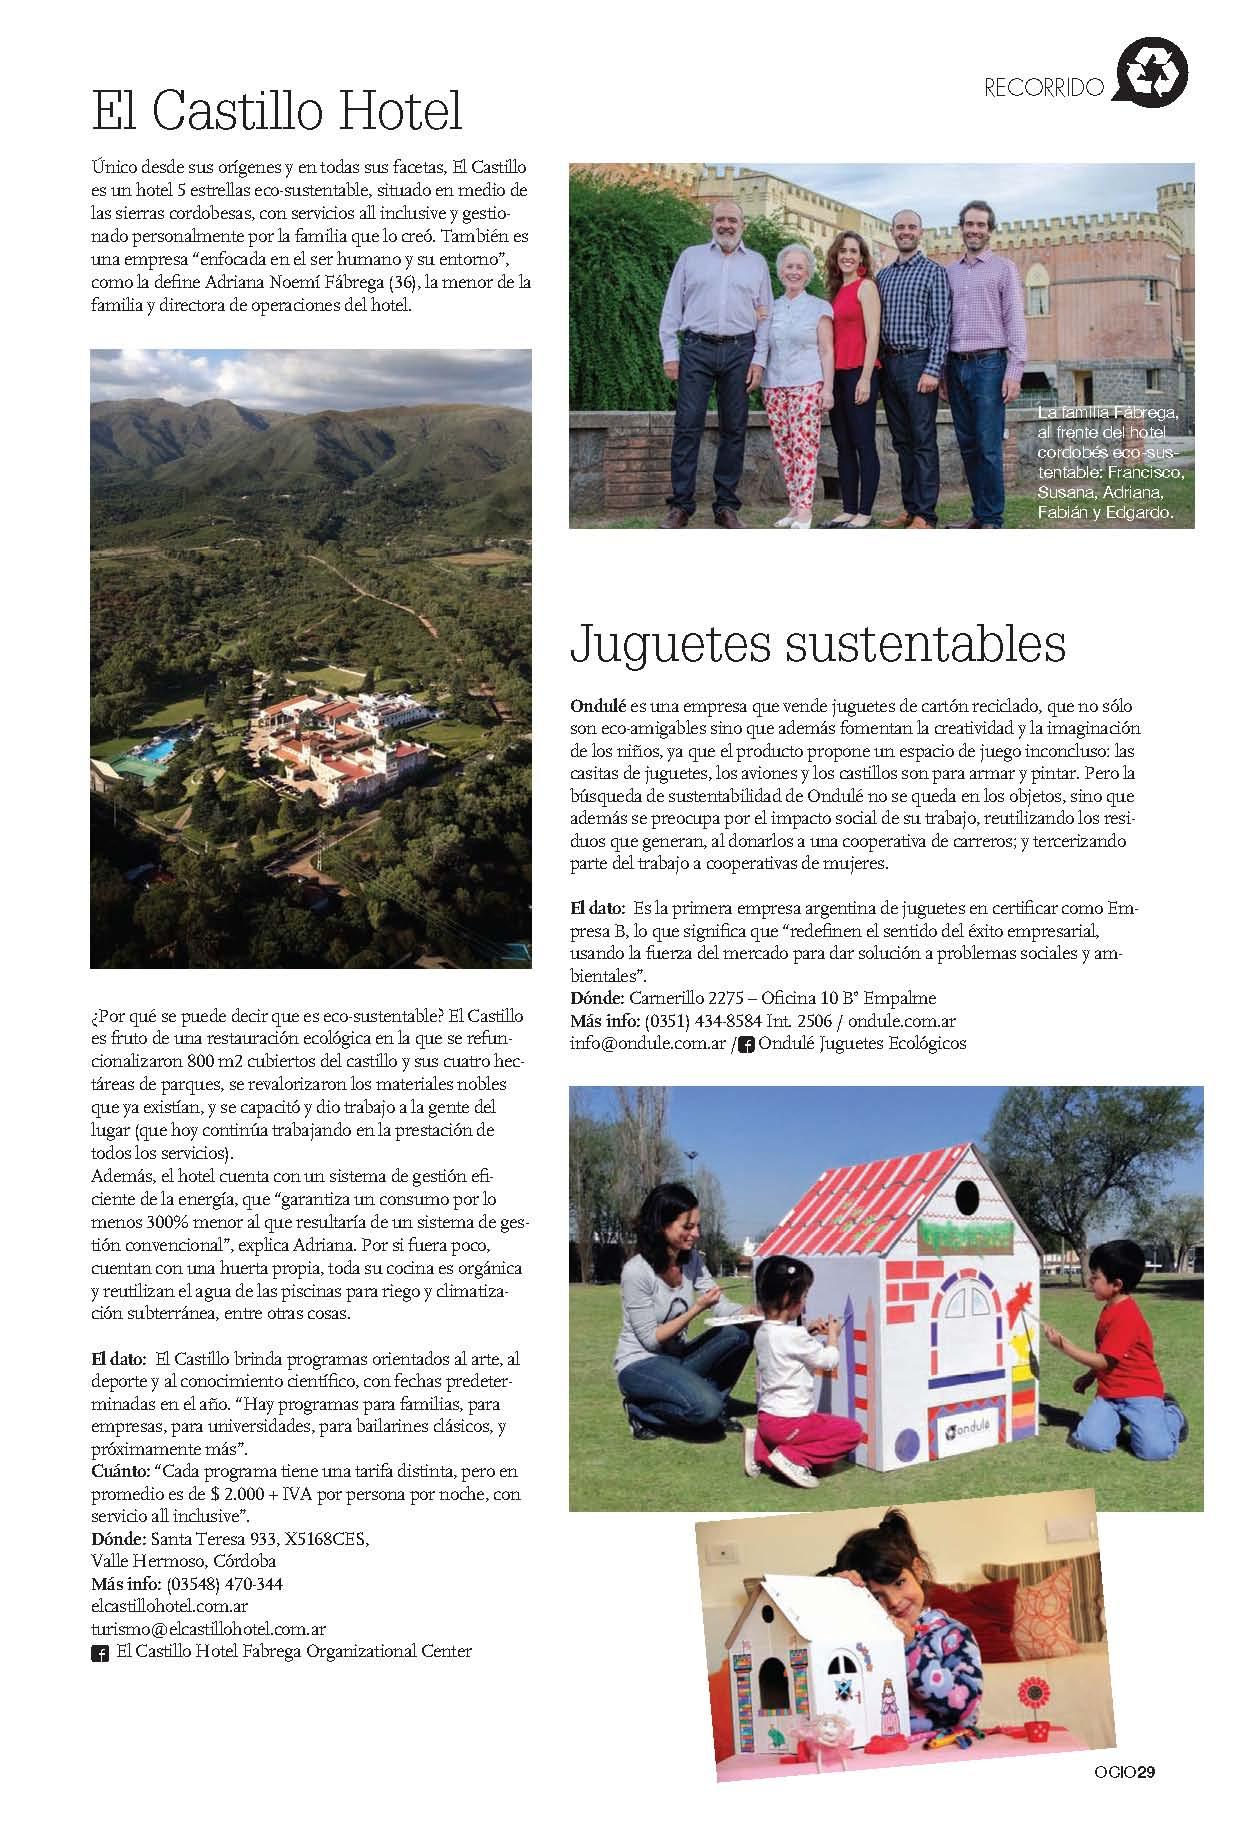 El Castillo Hotel en Revista Ocio